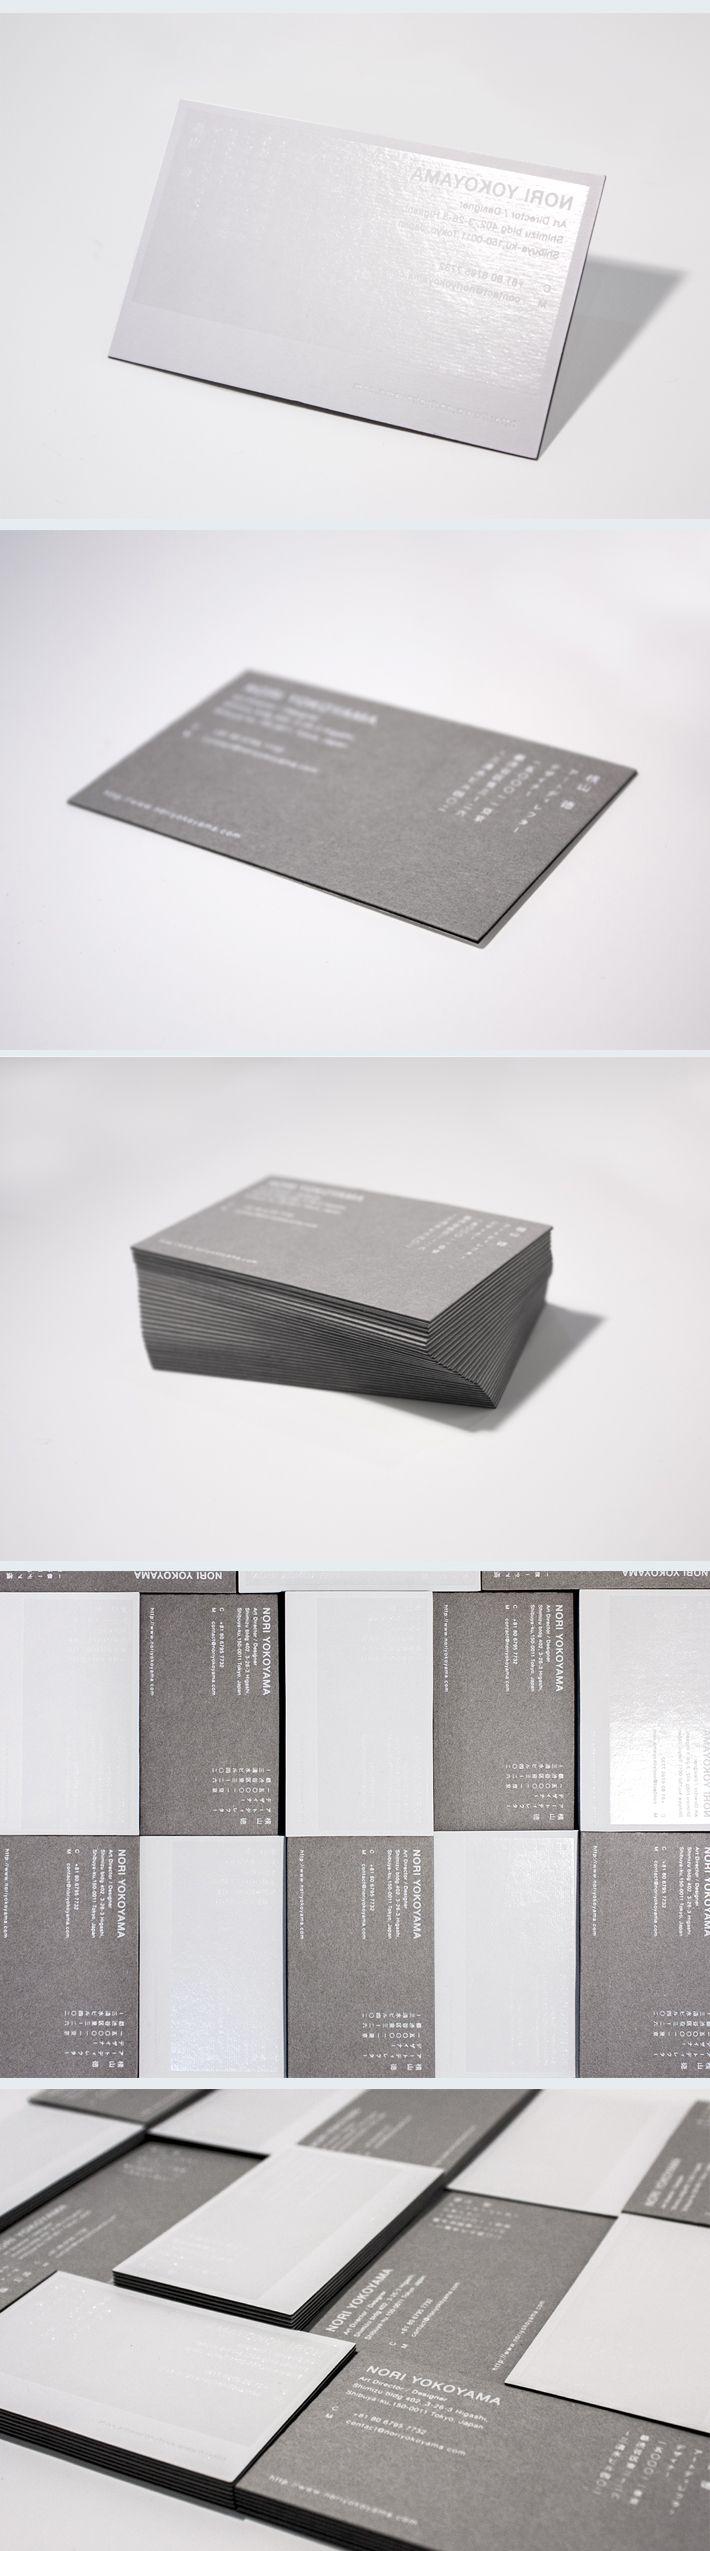 アートディレクター・グラフィックデザイナー 横山 徳(Nori Yokoyama)のポートフォリオサイト。各種広告・グラフィック・WEBのアートディレクション・デザイン制作/イラストレーション制作を行っています。